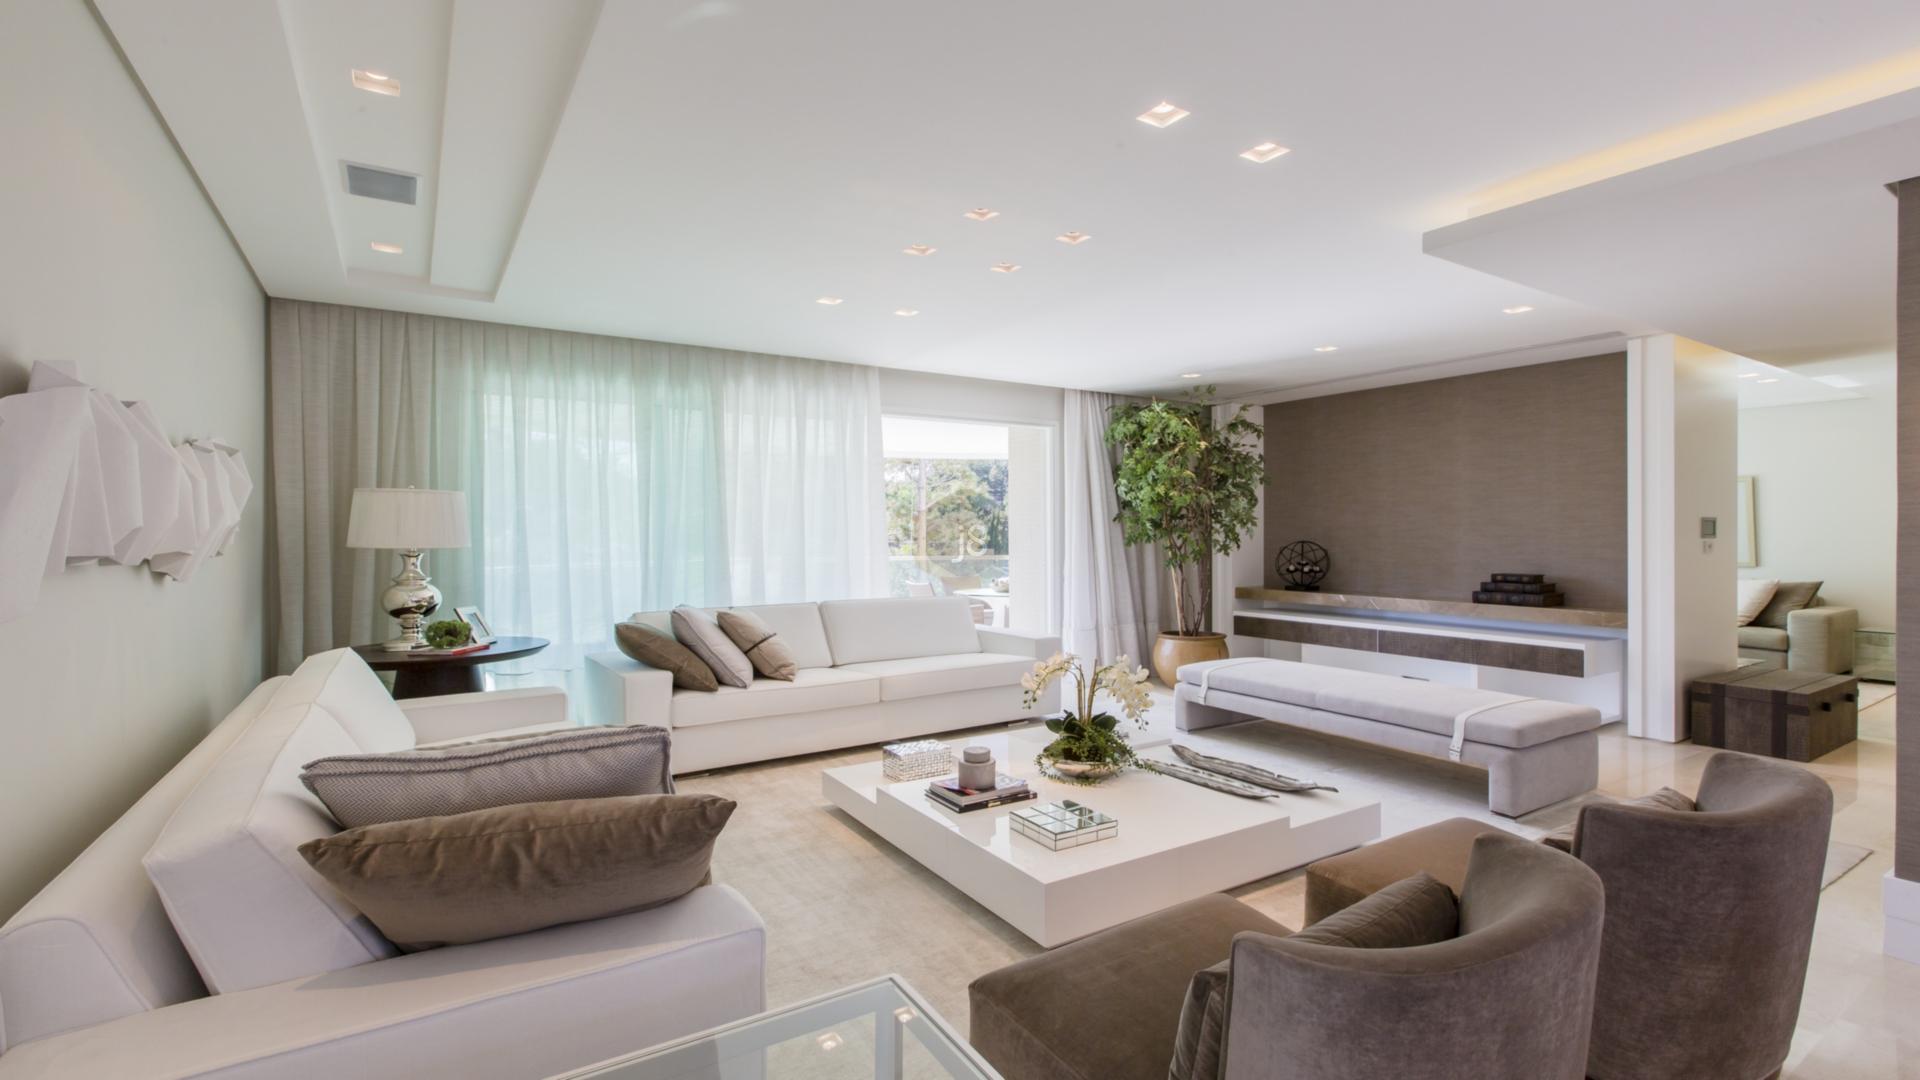 Foto de destaque Luxo e sofisticação com arquitetura contemporânea